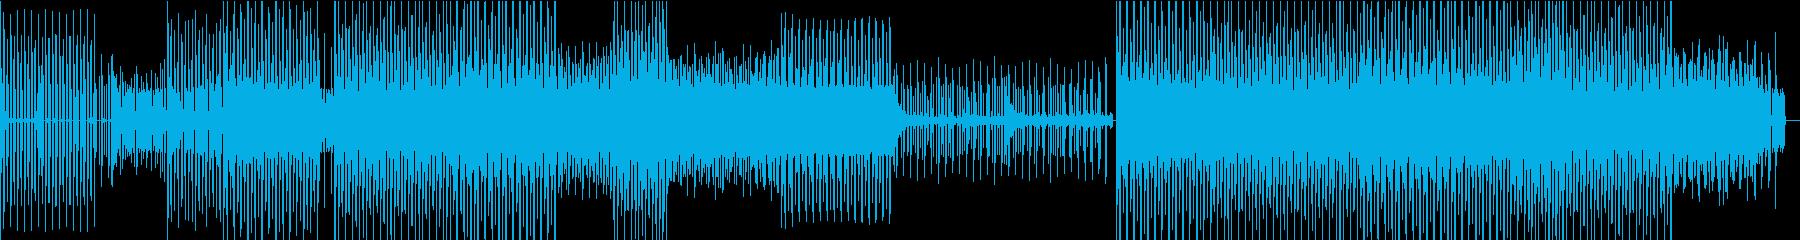 疾走感のあるクールなテクノBGMの再生済みの波形